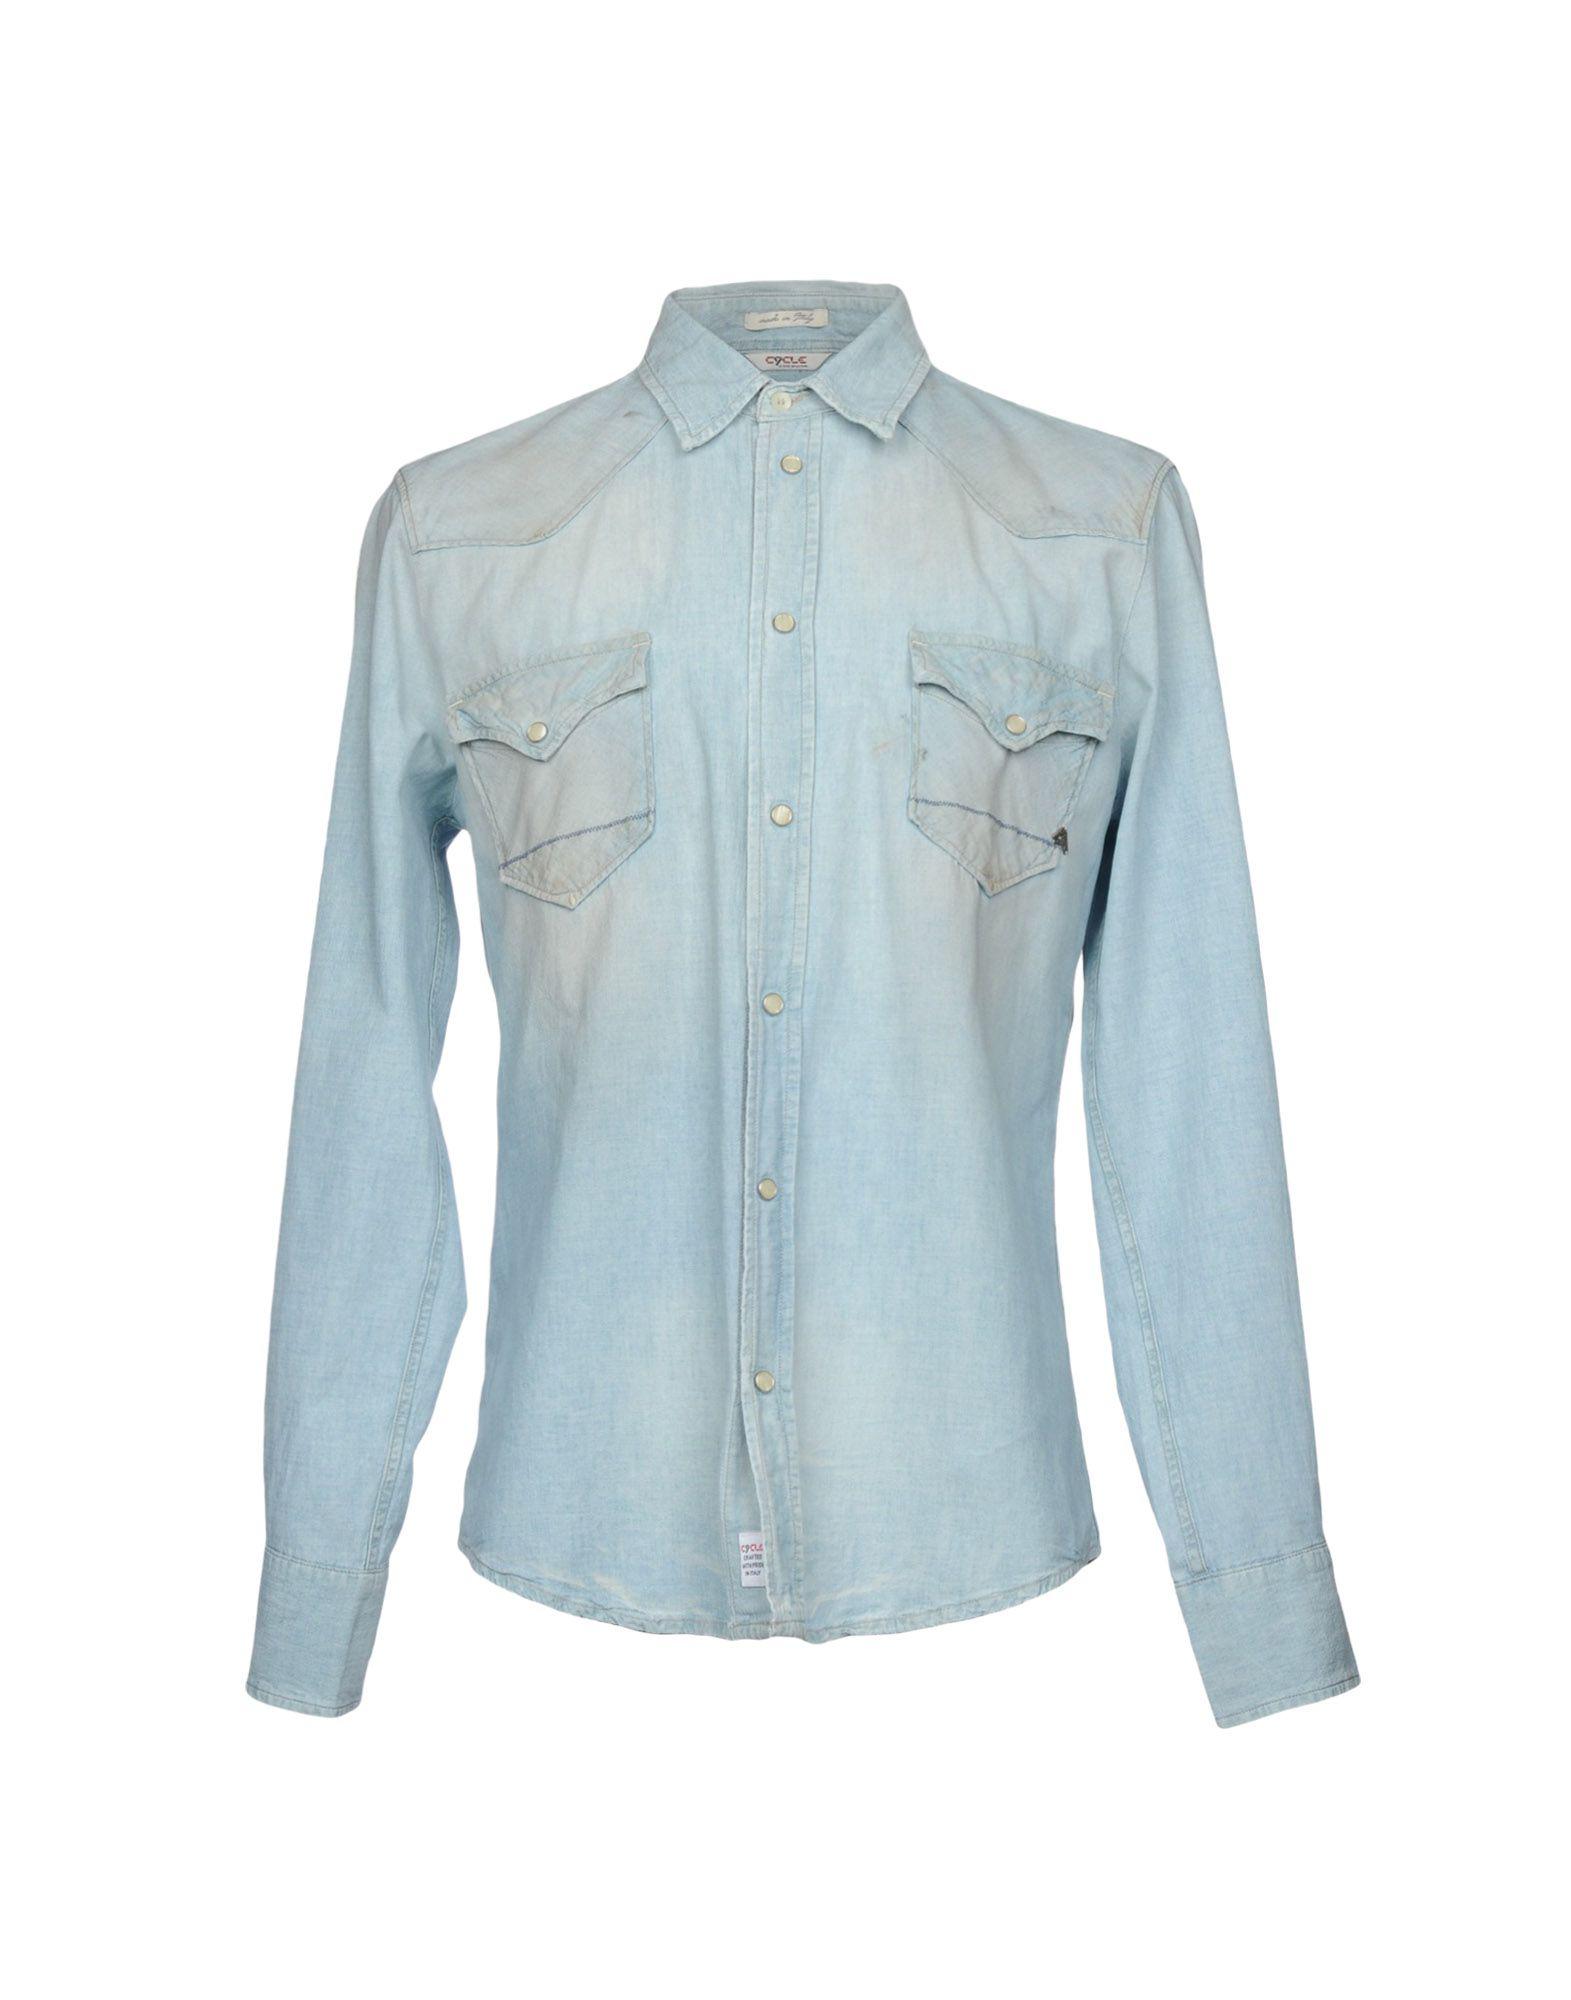 CYCLE Джинсовая рубашка рубашка джинсовая 3 12 лет